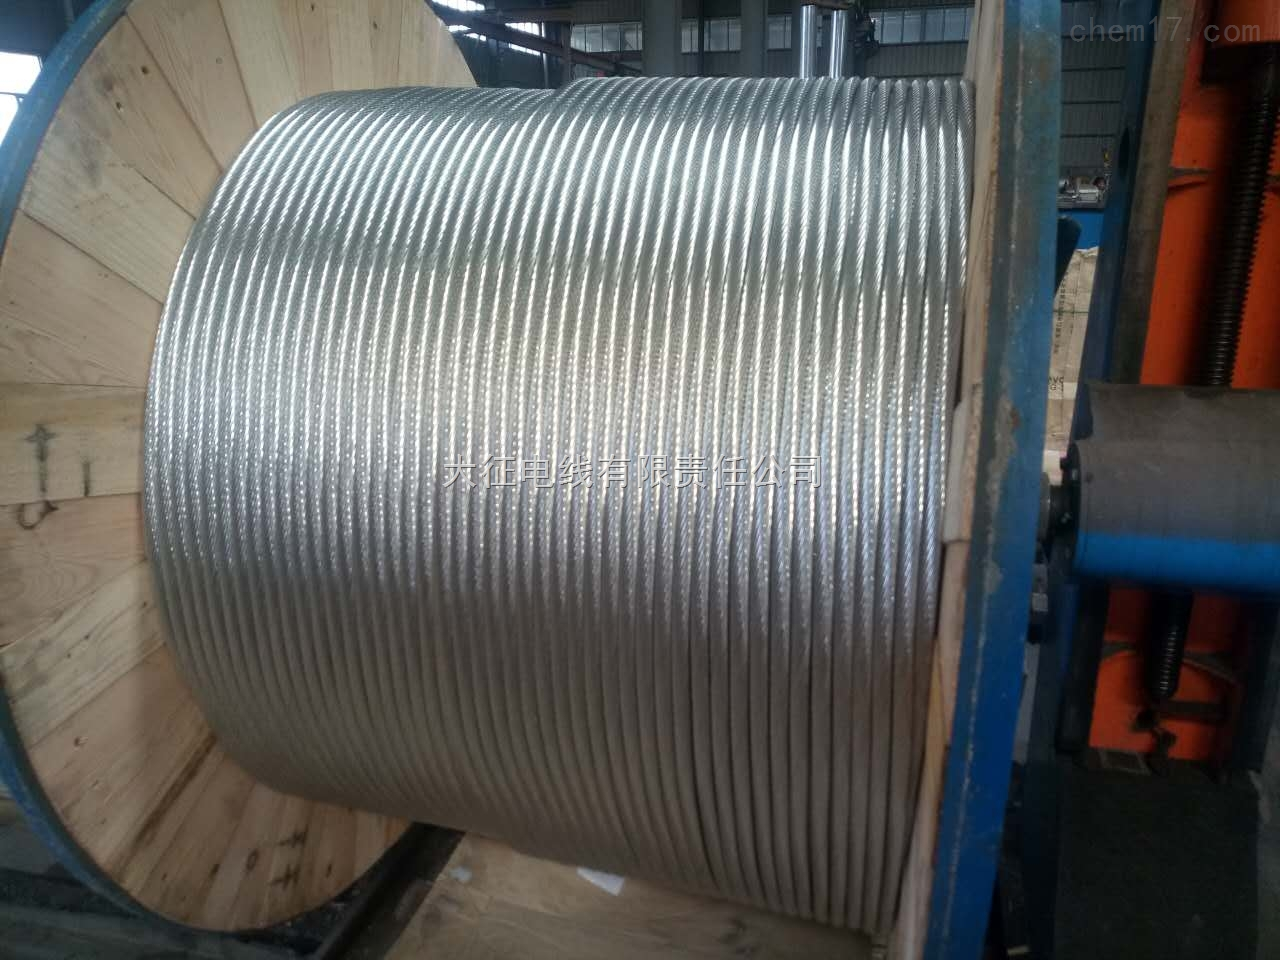 高压架空导线150/35jl/g1a  LGJ国标钢芯铝绞线